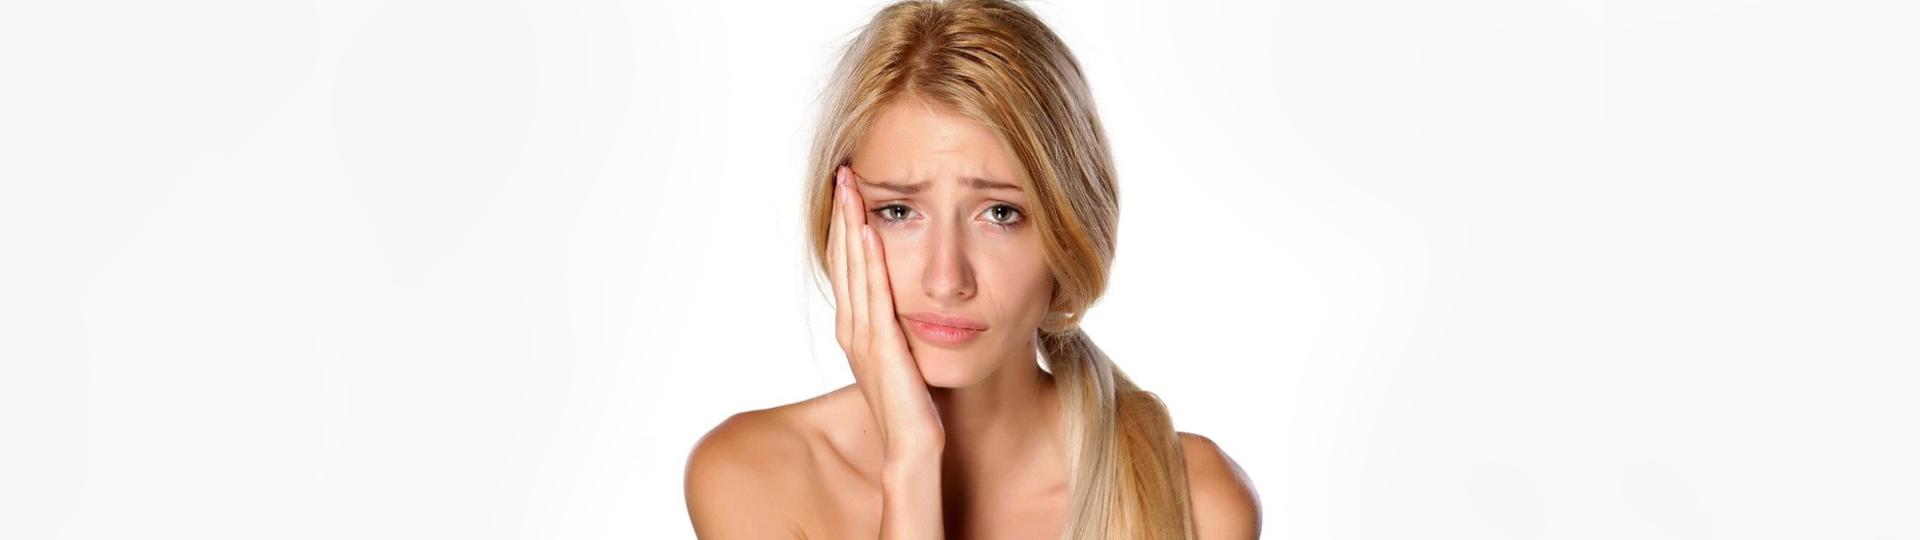 Temporomandibular Joint Disorders (TMD, TMJ)